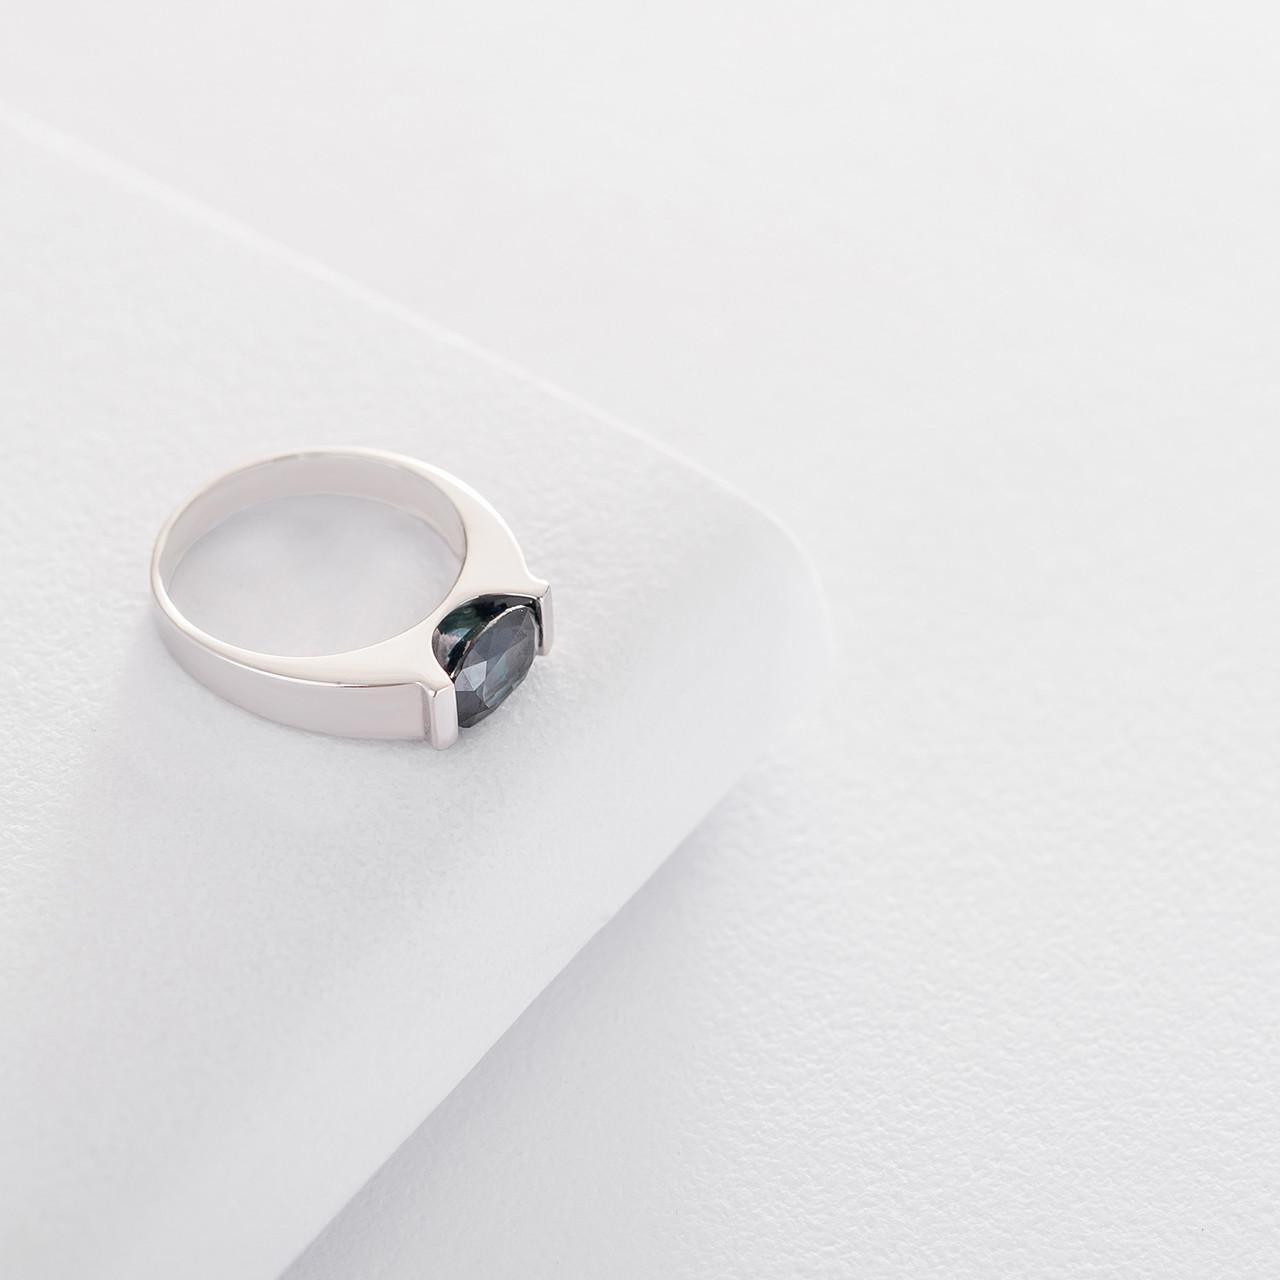 Золотое кольцо с сапфиром гк02-0441.0.2120